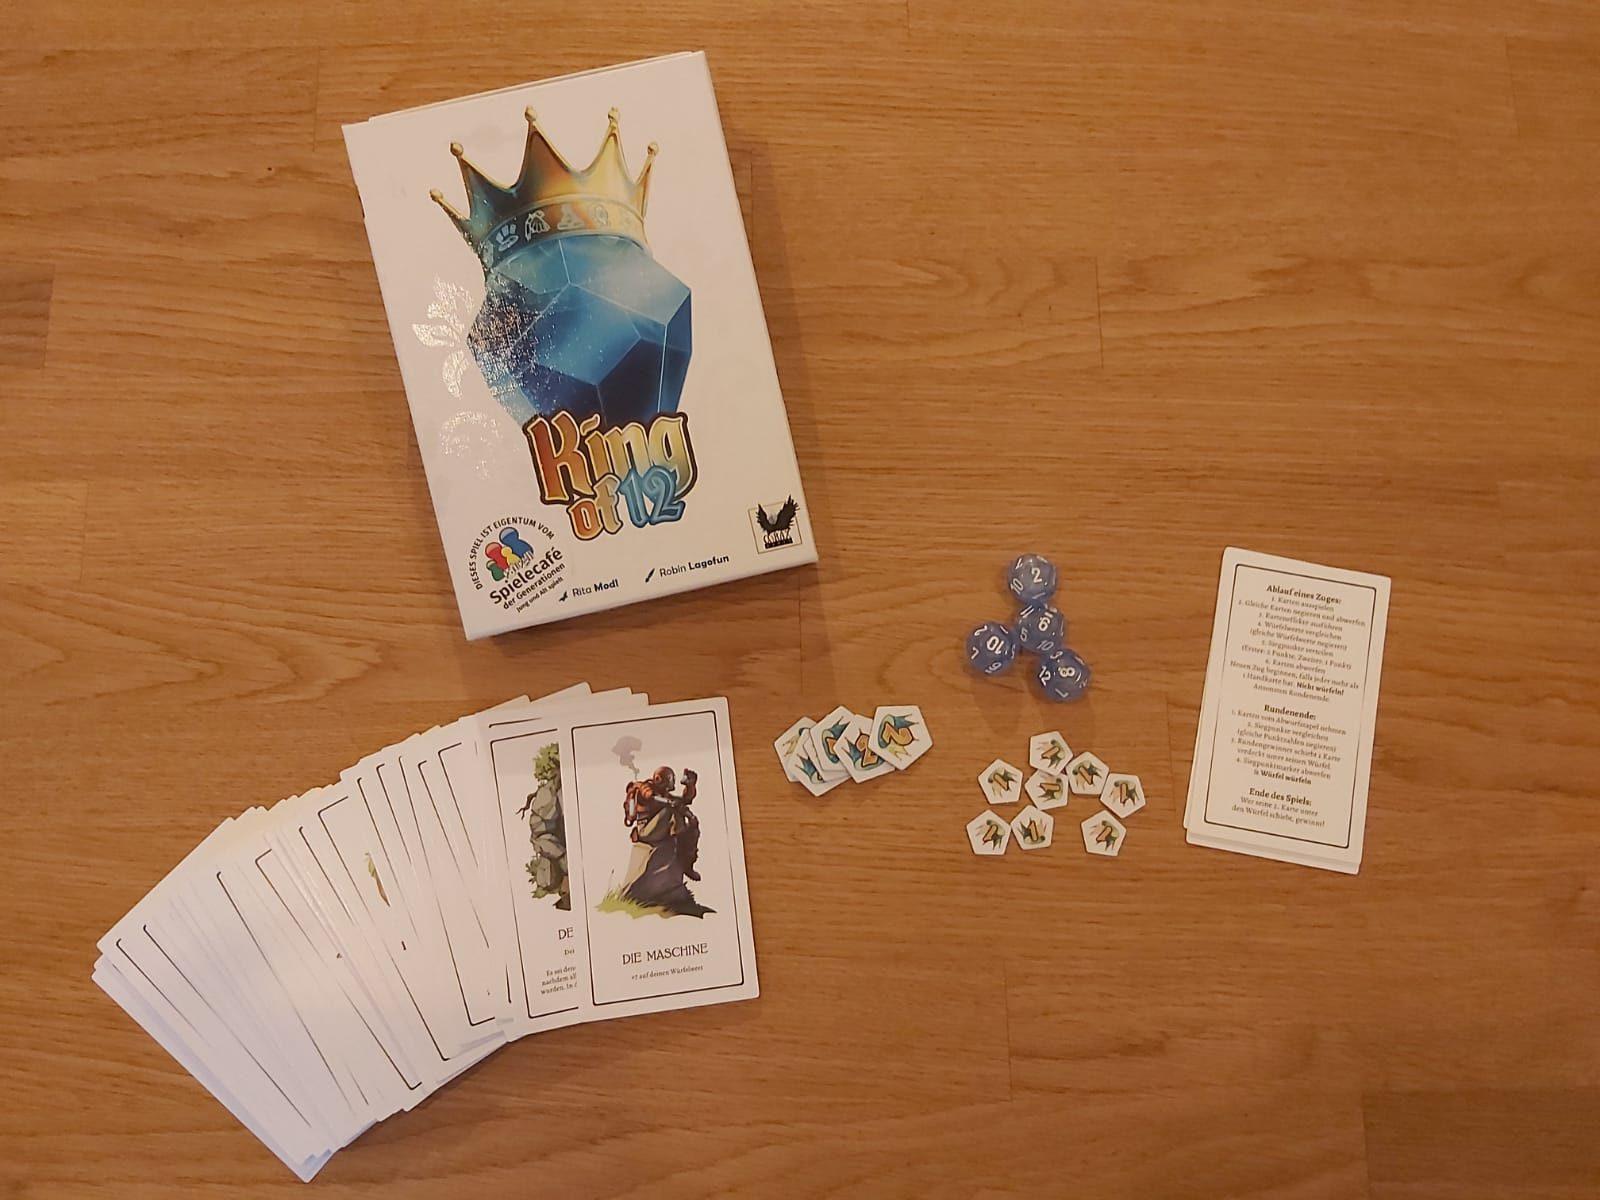 King of 12: das gesamte Spielmaterial sowie die Verpackung